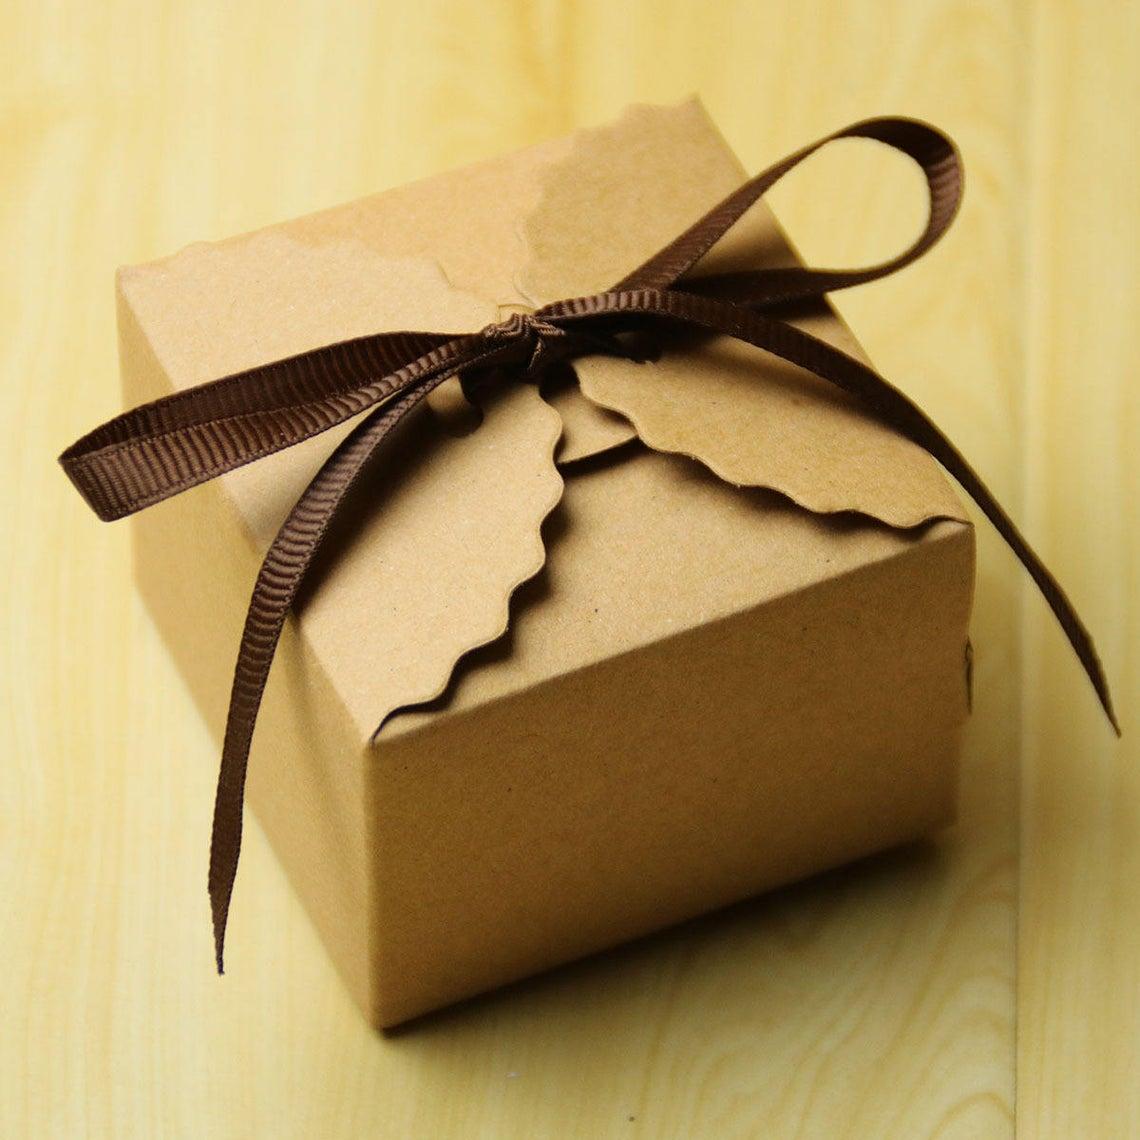 Bougie chauffe-plat en bois, faveurs de mariage en vrac, porte-bougie rustique, bougie de Noël, trc